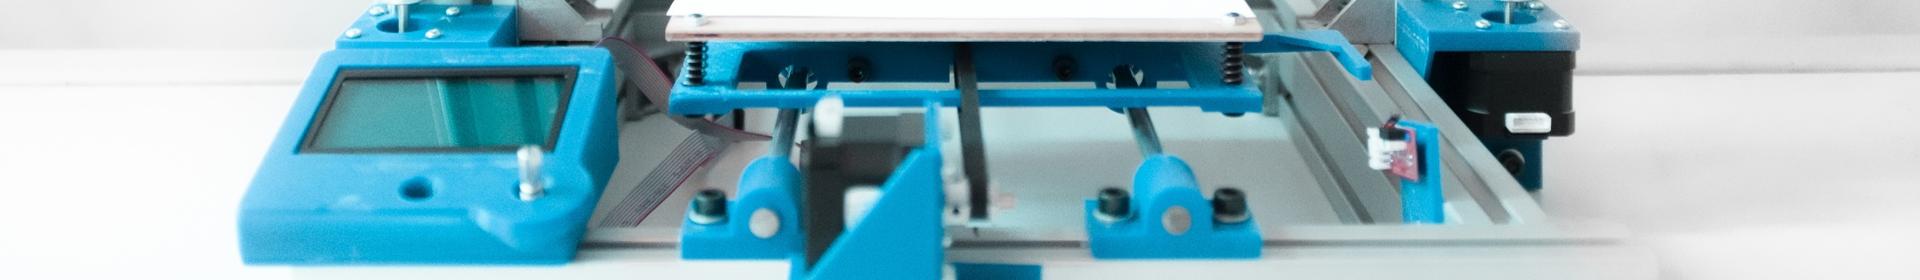 Printer Prototype.